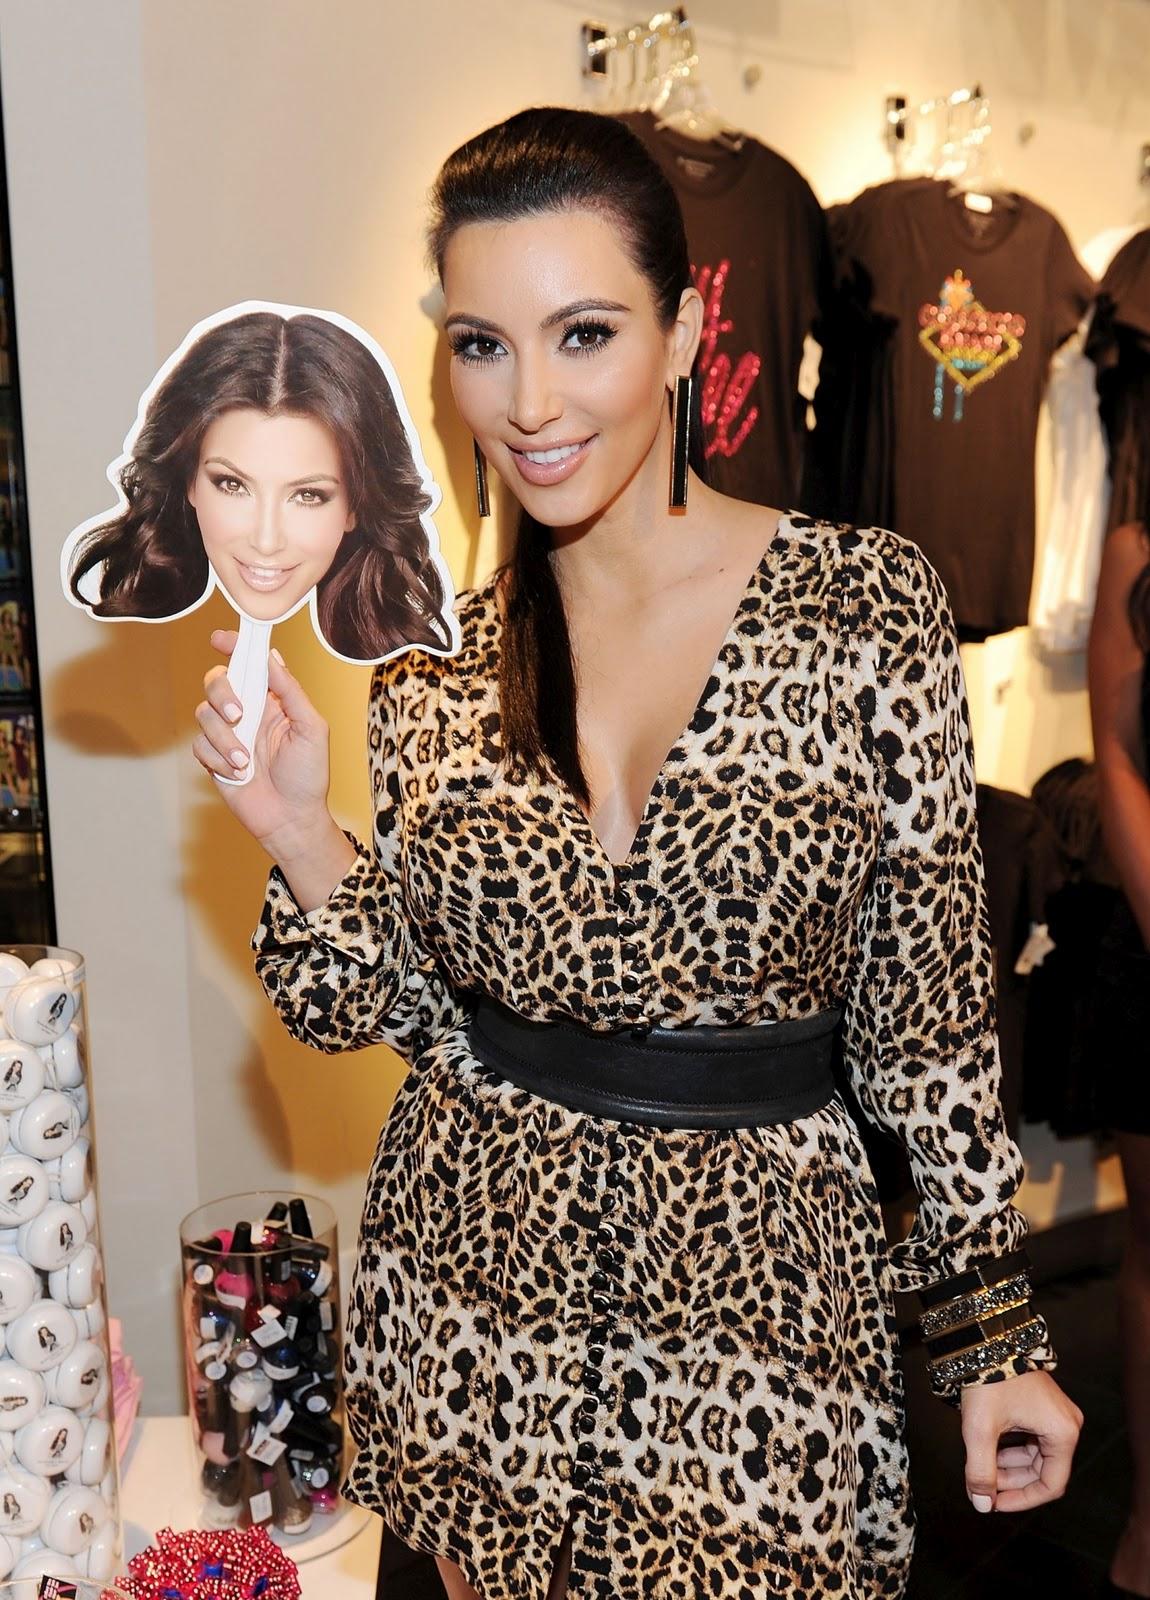 kim-kardashian-pictures-photos-5